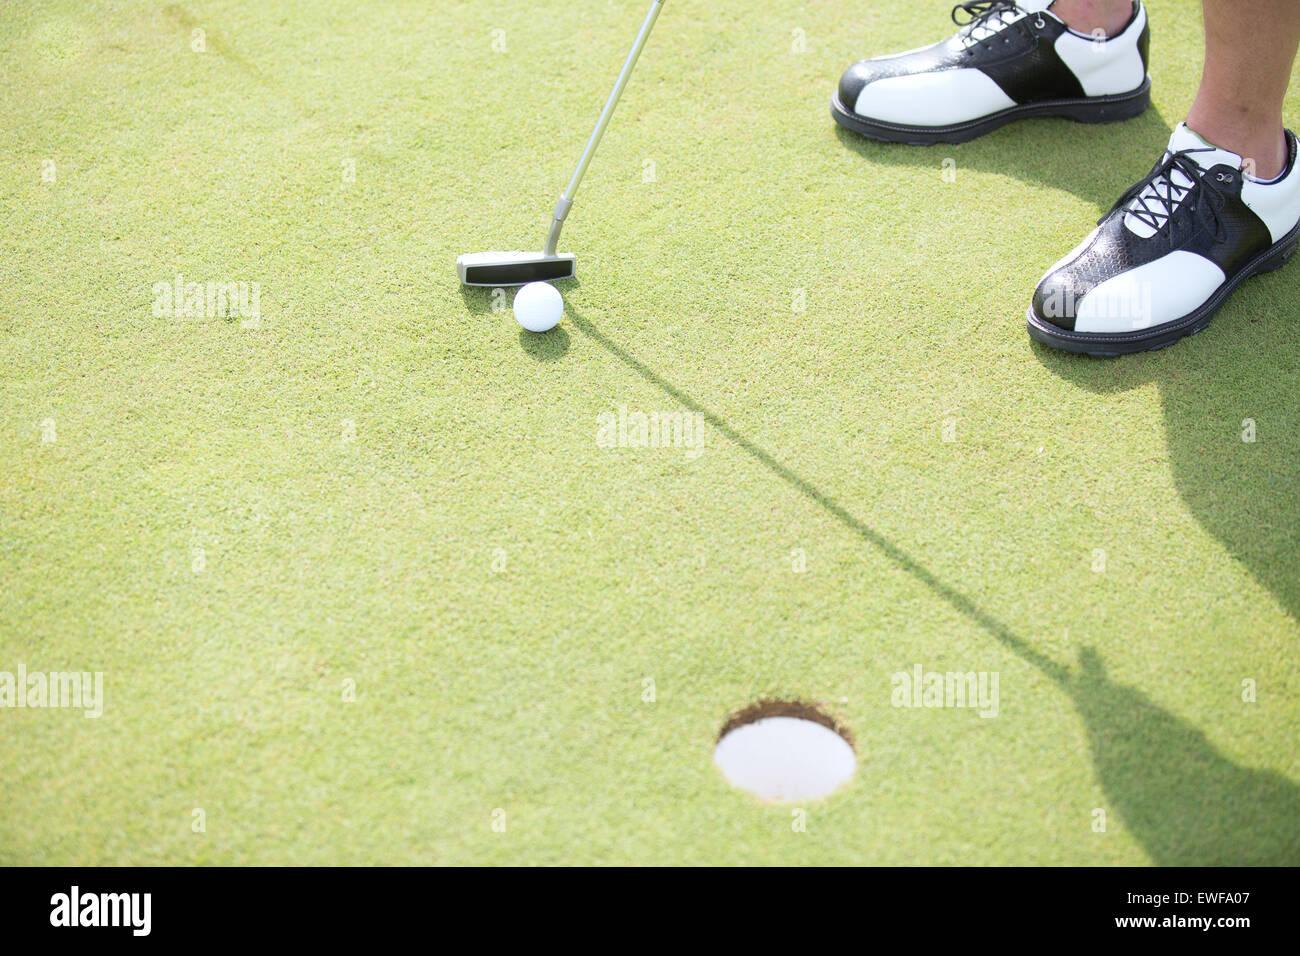 Elevato angolo di visione dell'uomo per giocare a golf Immagini Stock